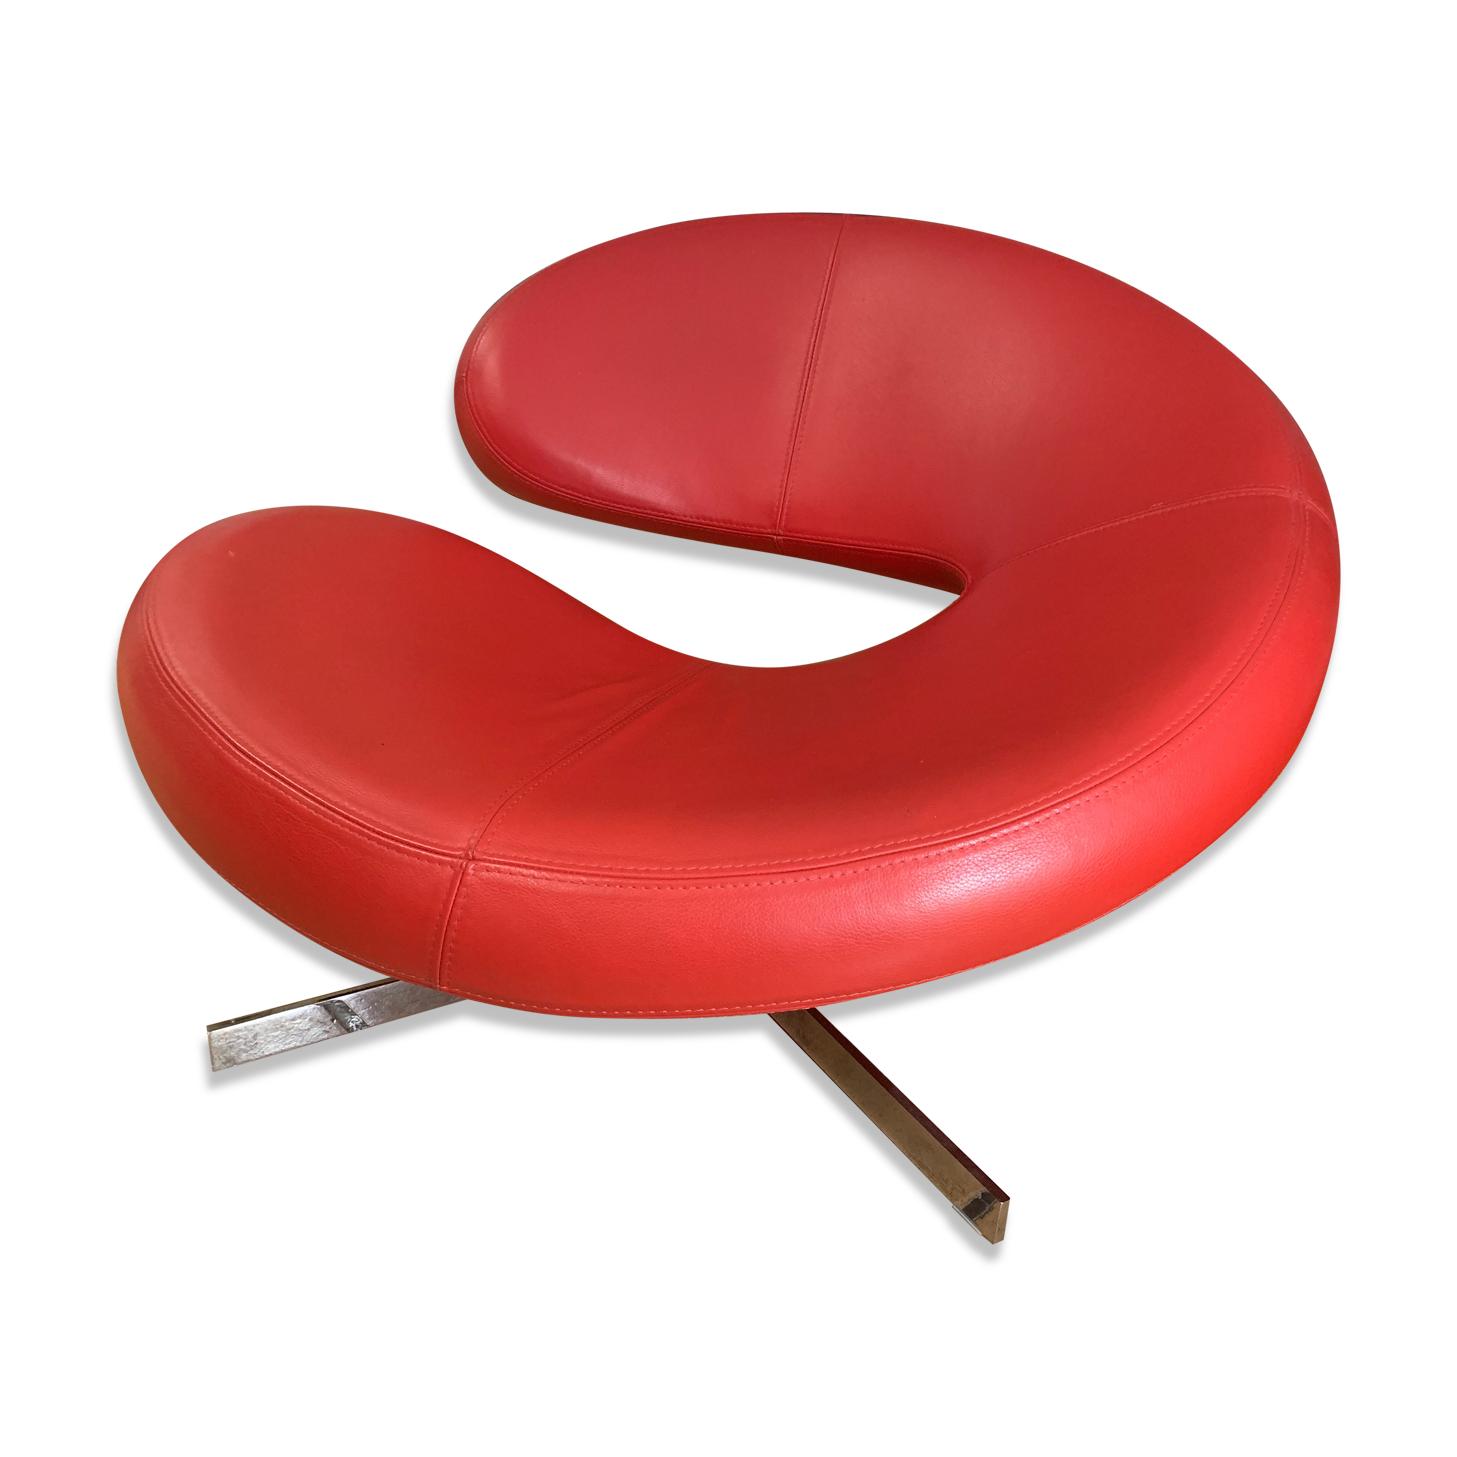 Fauteuil Roche Bobois en cuir rouge